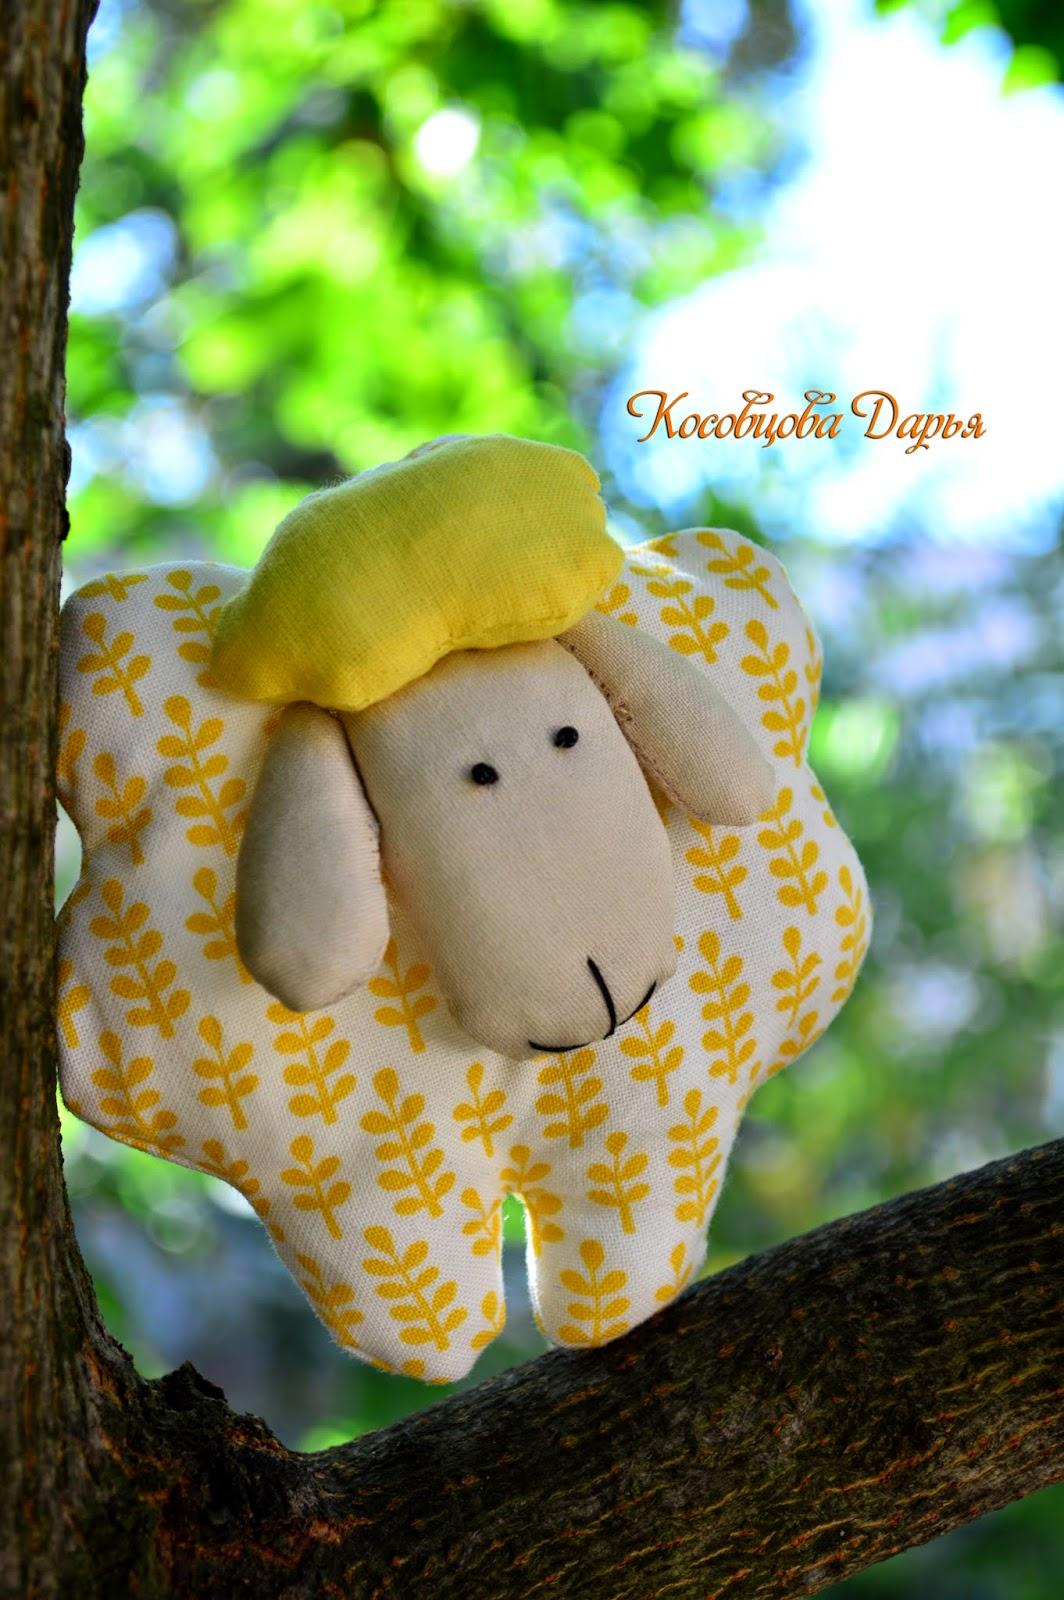 игрушка ручной работы, подарки на день рождения, игрушки для детей, купить подарок ручной работы Киев